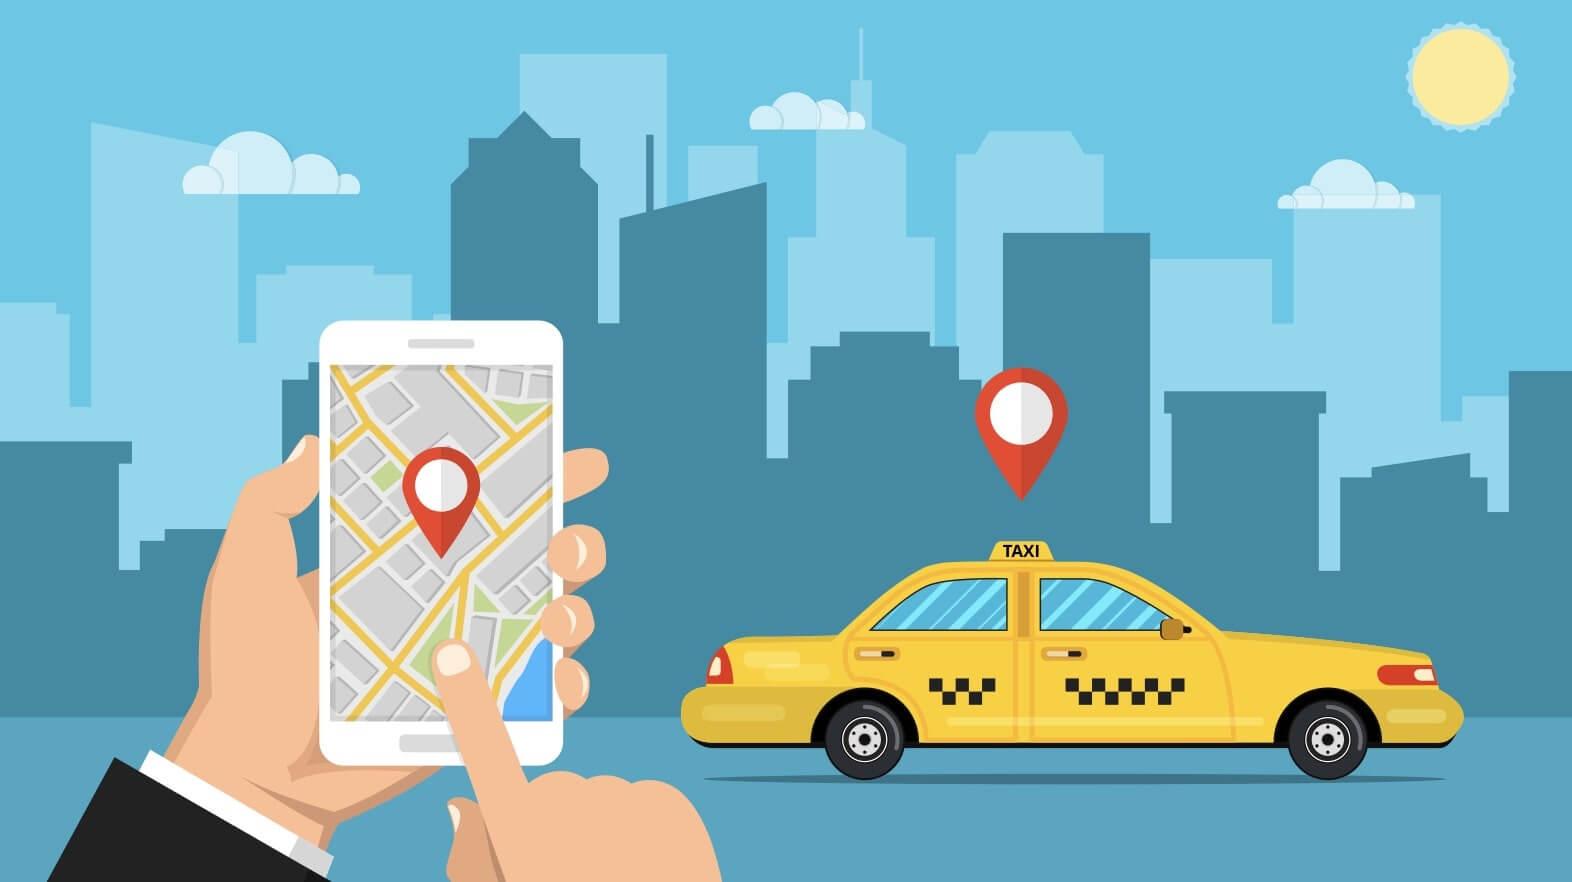 北海道・札幌で使えるタクシーアプリとクーポン情報